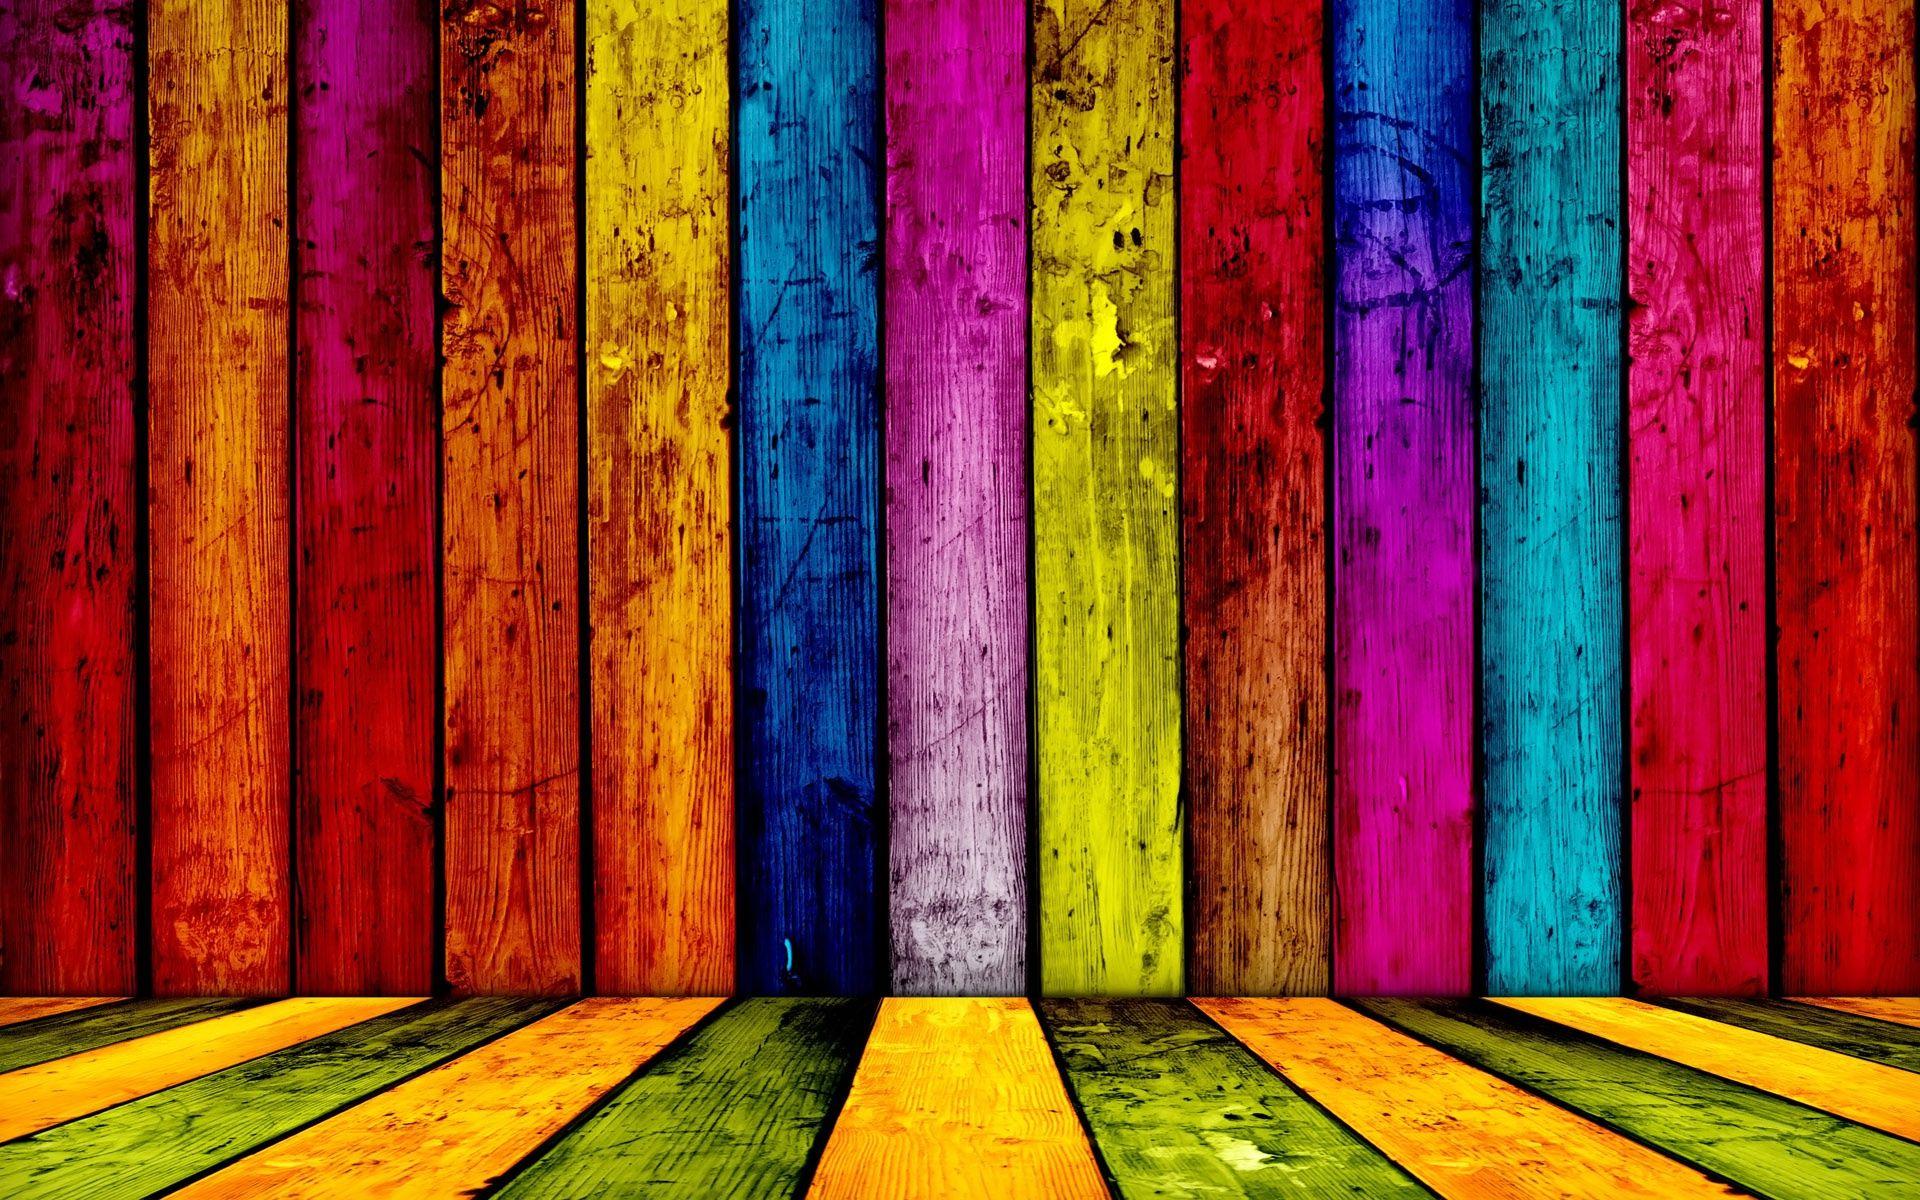 نقاشی ساختمان, کاغذ دیواری, قابلیت شستشو, رنگ آمیزی | %da%a9%d8%a7%d8%ba%d8%b0-%d8%af%db%8c%d9%88%d8%a7%d8%b1%db%8c, %d8%ae%d8%af%d9%85%d8%a7%d8%aa-%da%a9%d8%a7%d8%ba%d8%b0-%d8%af%db%8c%d9%88%d8%a7%d8%b1%db%8c, %d8%a7%d9%86%d8%aa%d8%ae%d8%a7%d8%a8-%da%a9%d8%a7%d8%ba%d8%b0-%d8%af%db%8c%d9%88%d8%a7%d8%b1%db%8c | دکوراسیون ساختمان دکوروز